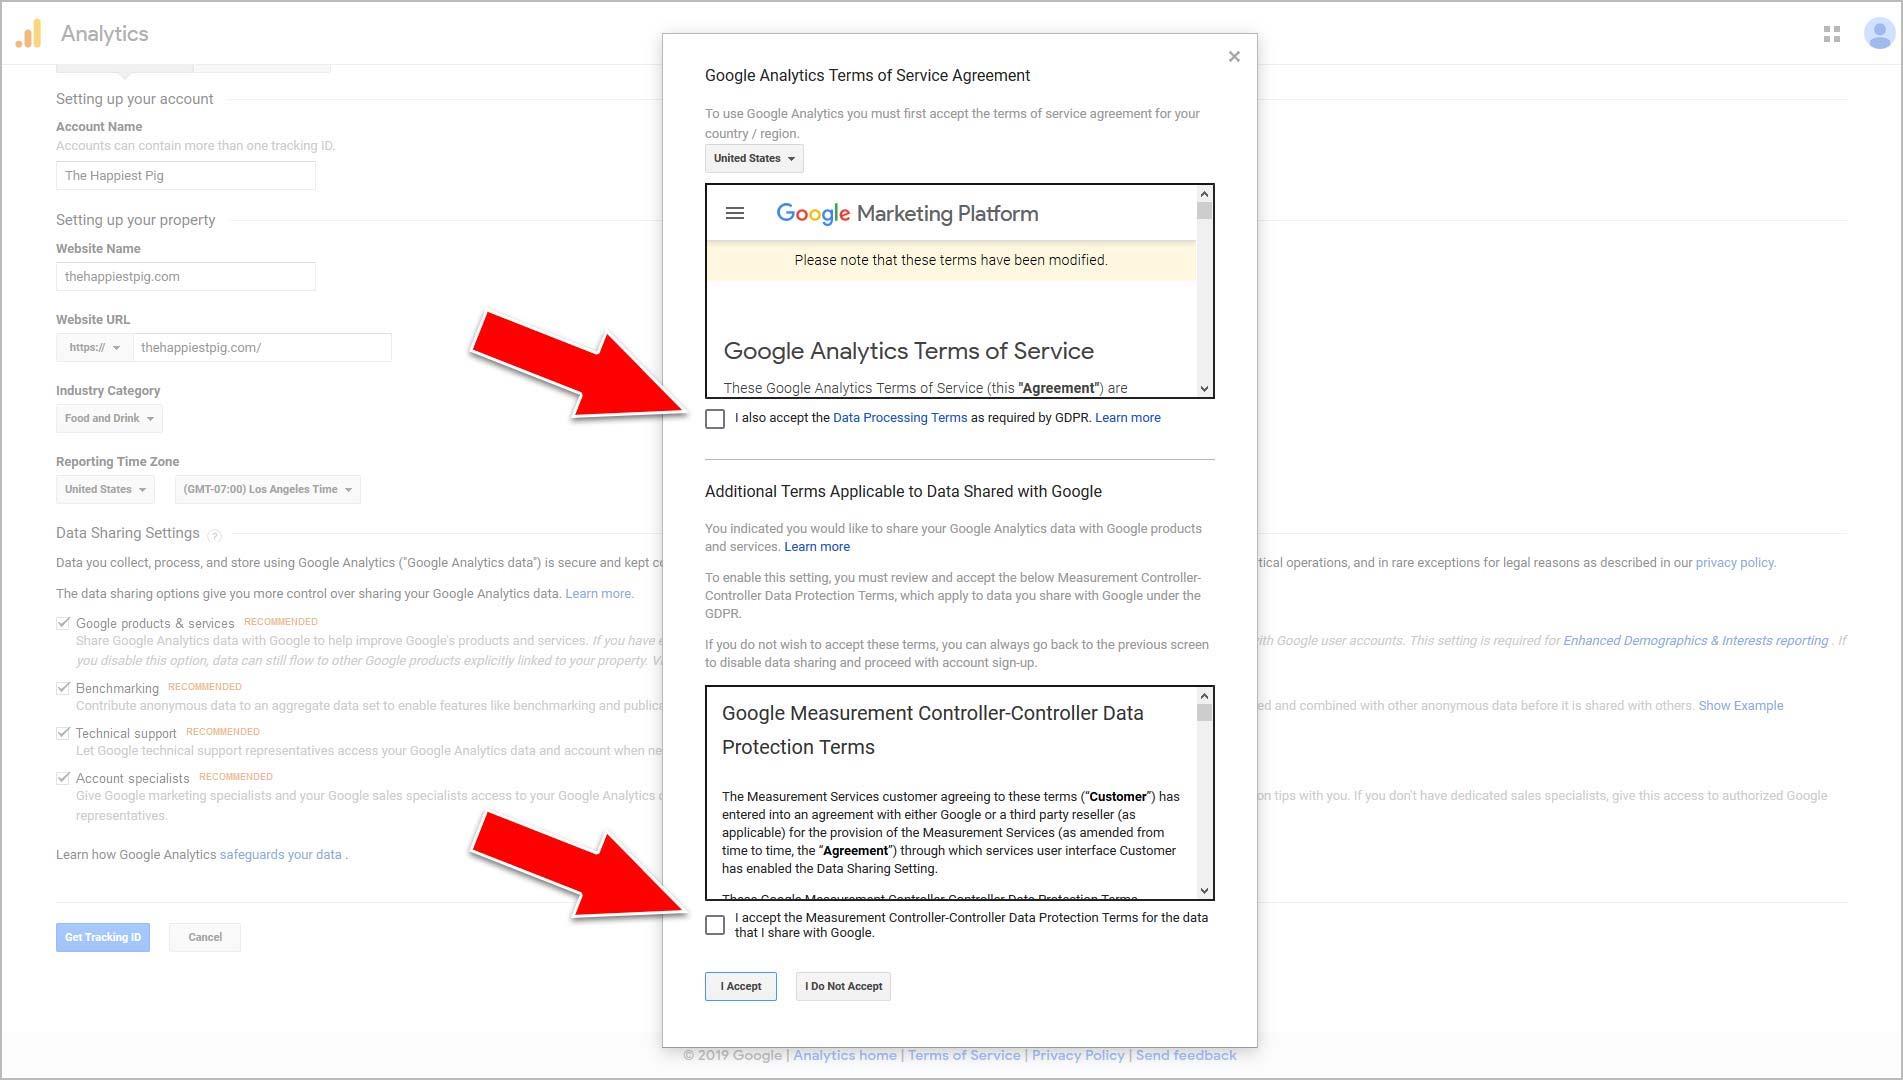 Accept Googles TOS